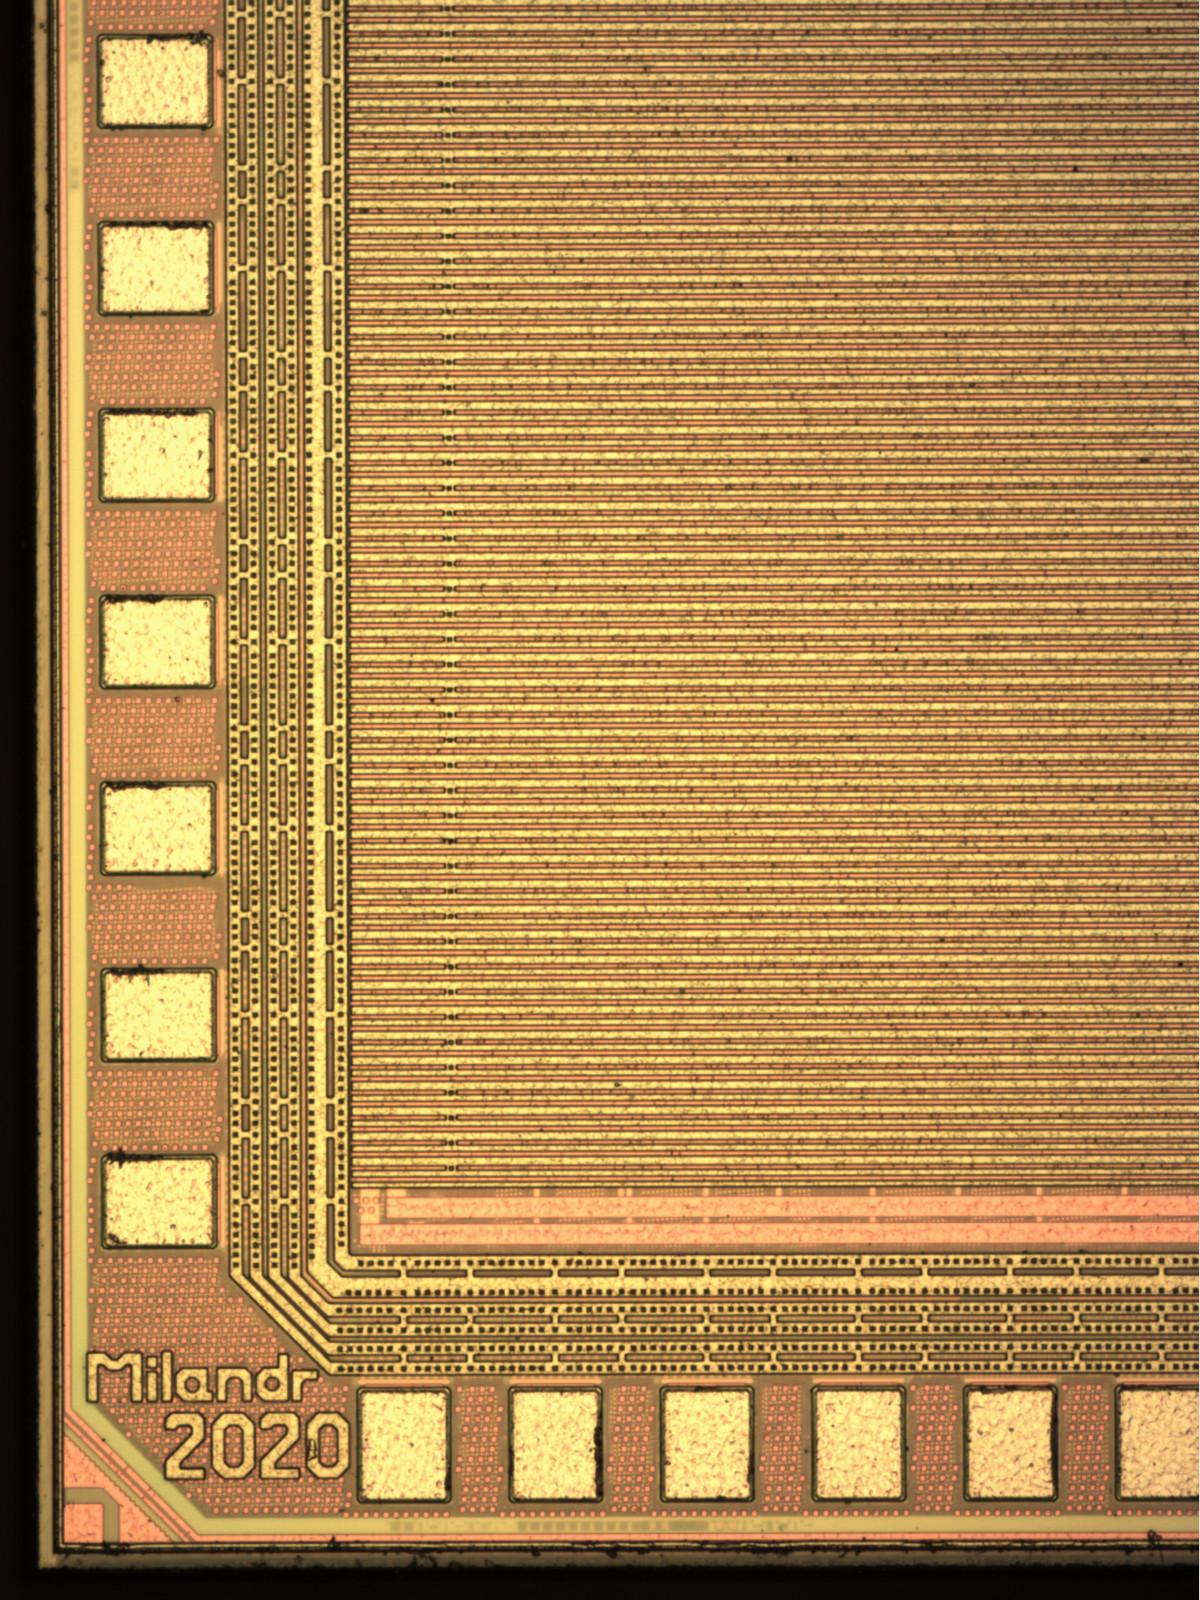 Отечественный микроконтроллер К1986ВК025 на базе процессорного ядра RISC-V для приборов учета электроэнергии - 6